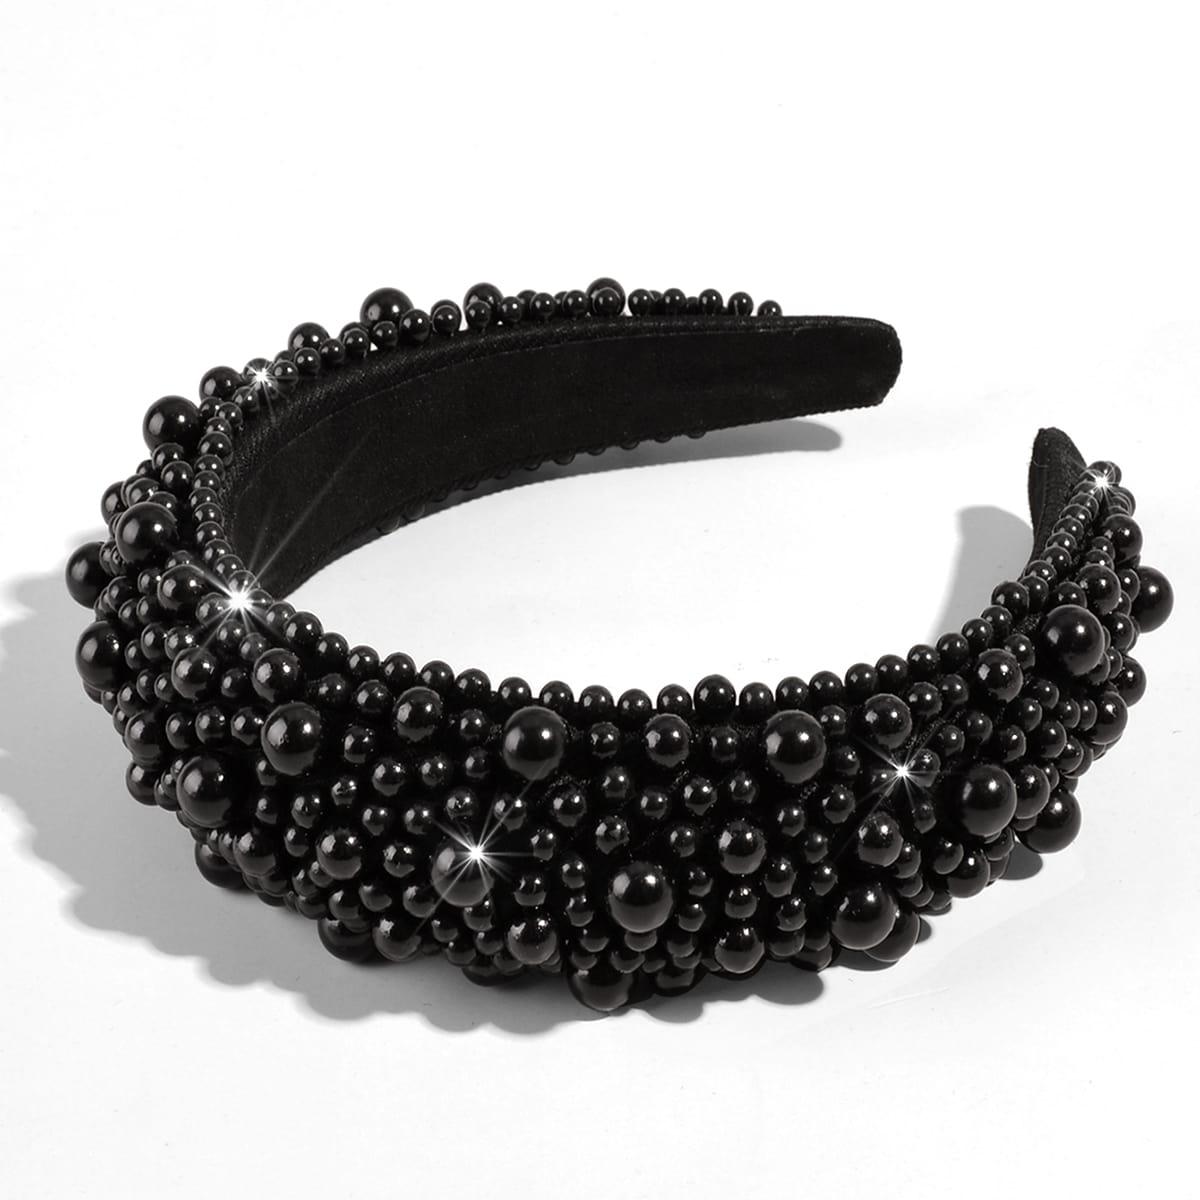 Bead Decor Headband